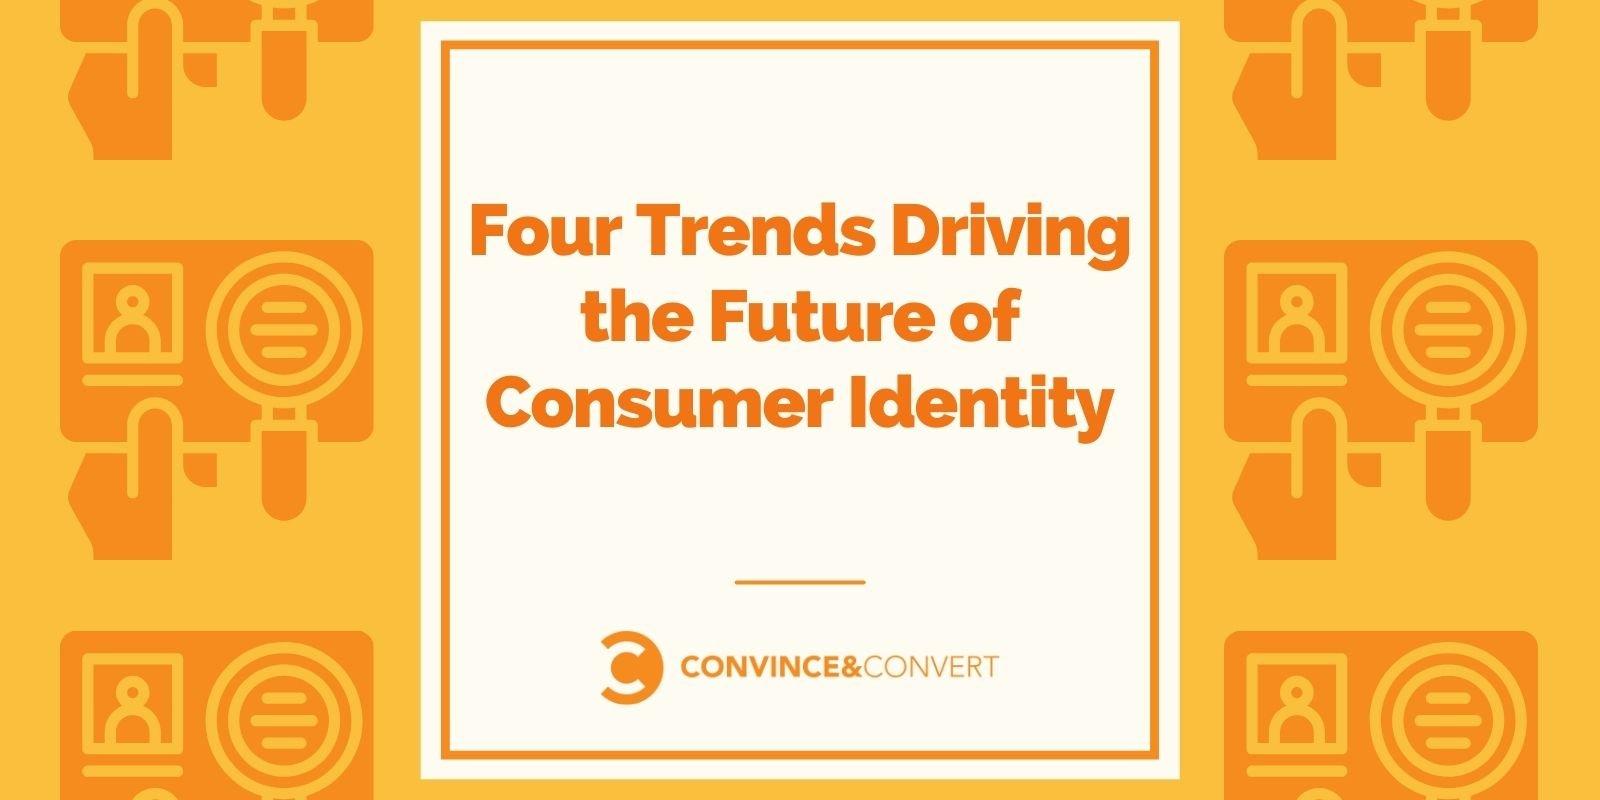 Quattro tendenze che guidano il futuro dell'identità dei consumatori